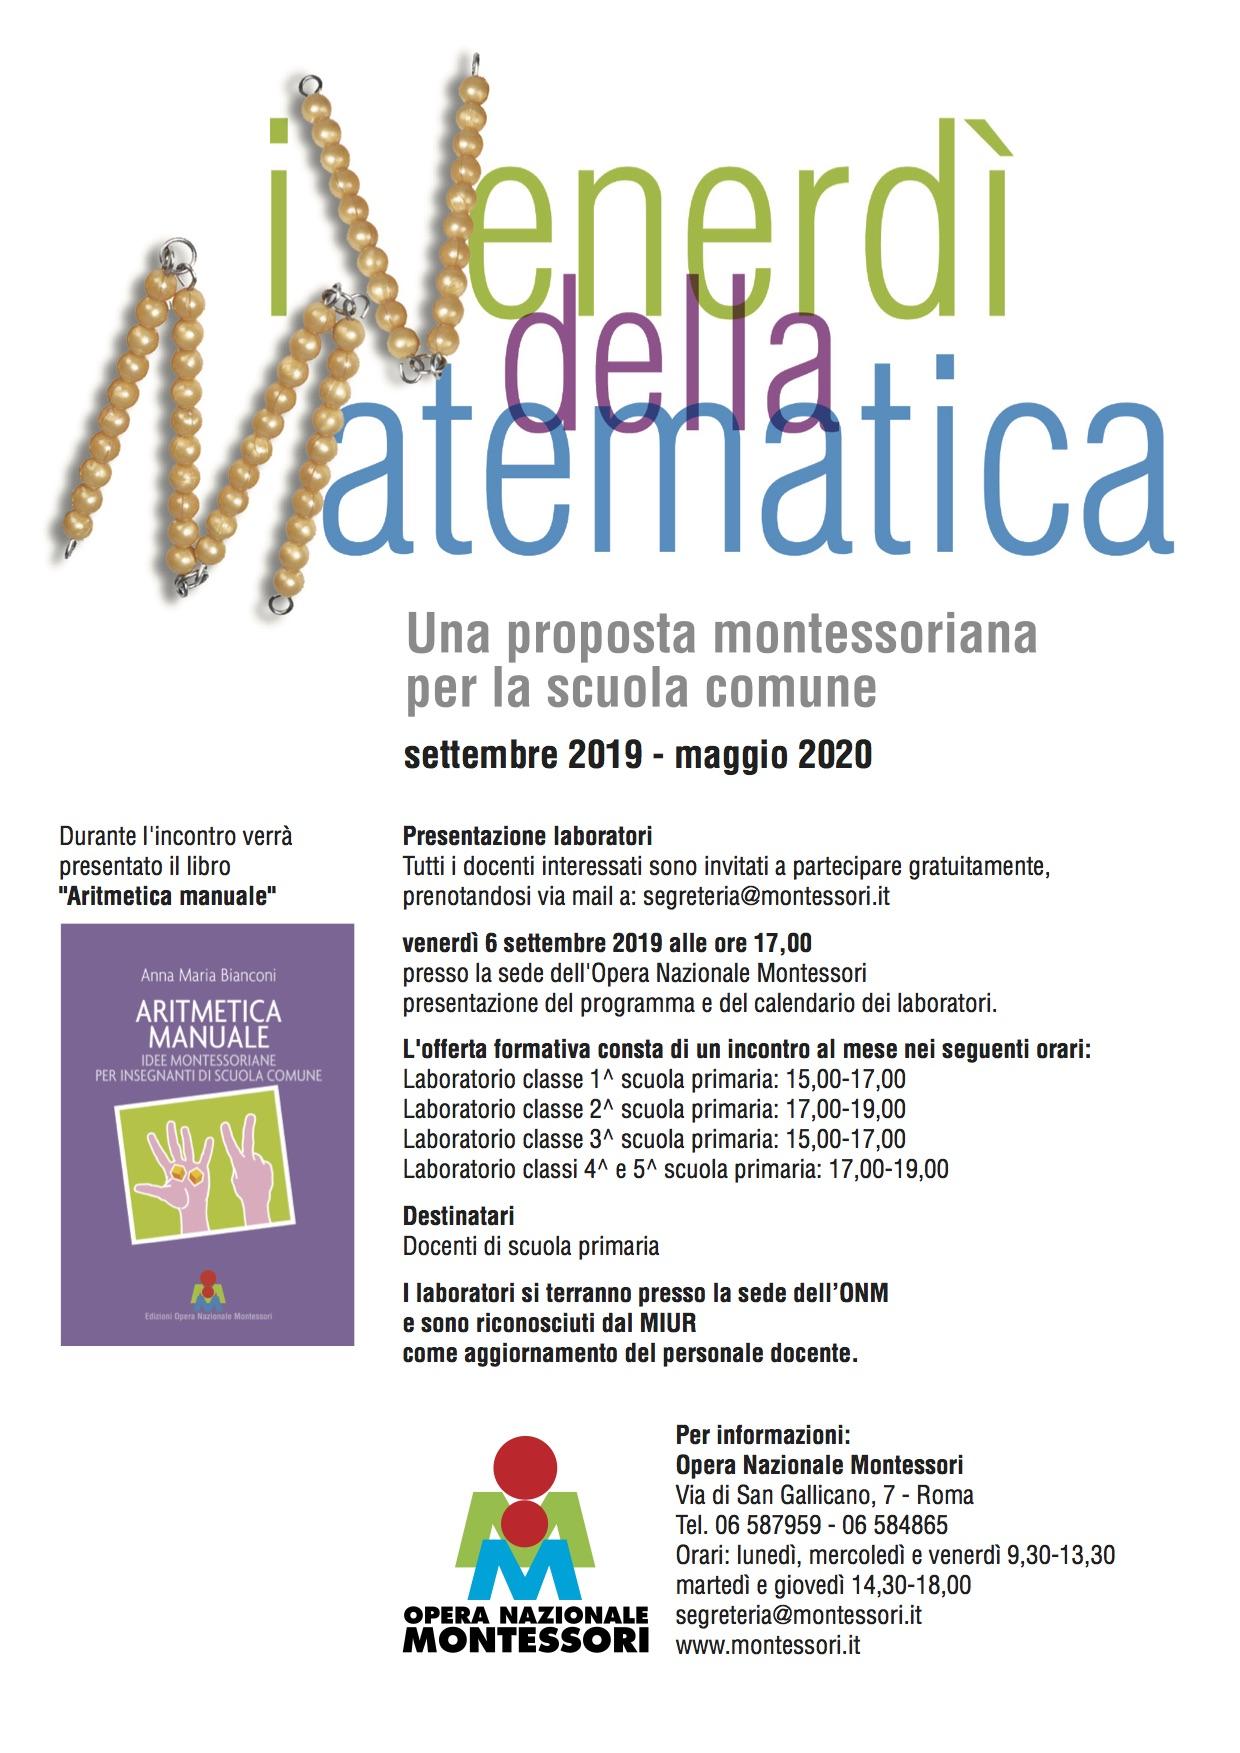 Calendario Mese Di Maggio 2020.Roma 6 Settembre 2019 Presentazione Laboratori I Venerdi